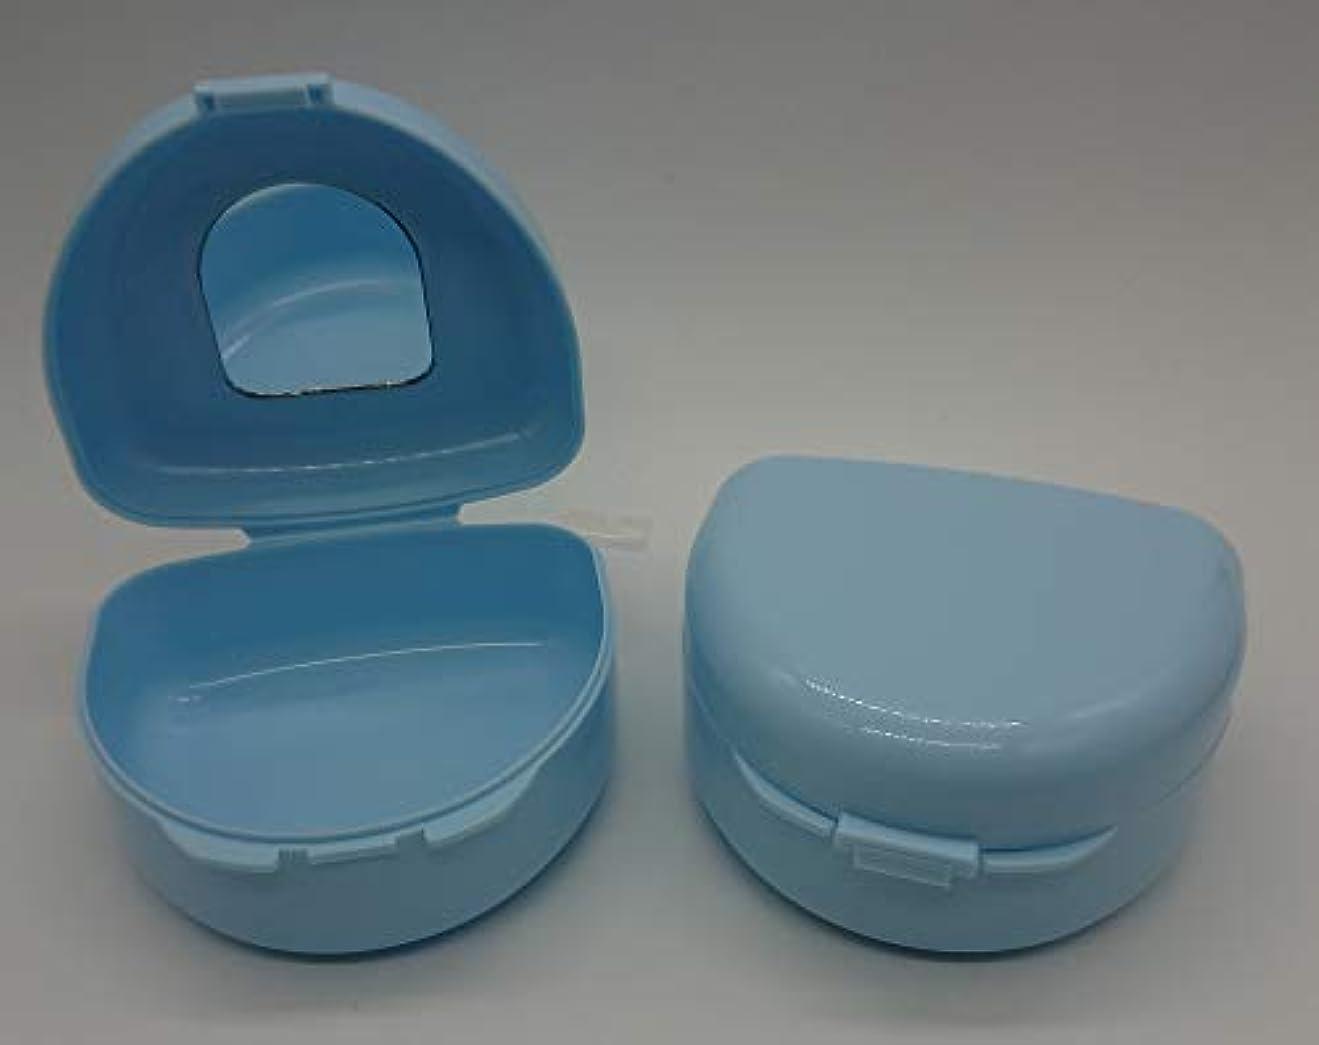 聖なる保有者に話す鏡付き入れ歯マウスピースケース(容器) 水色